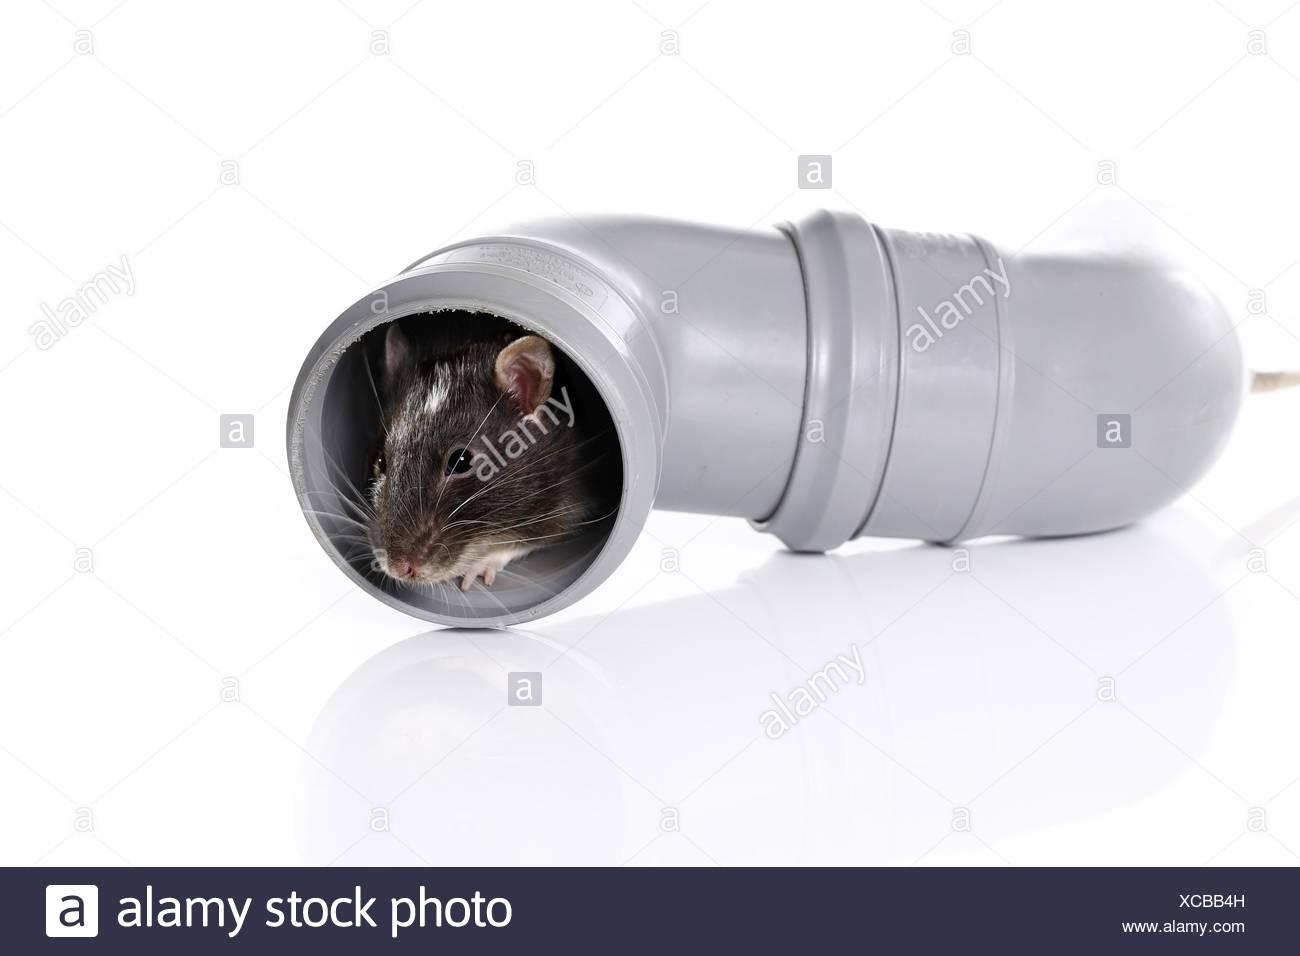 rat in pipe - Stock Image